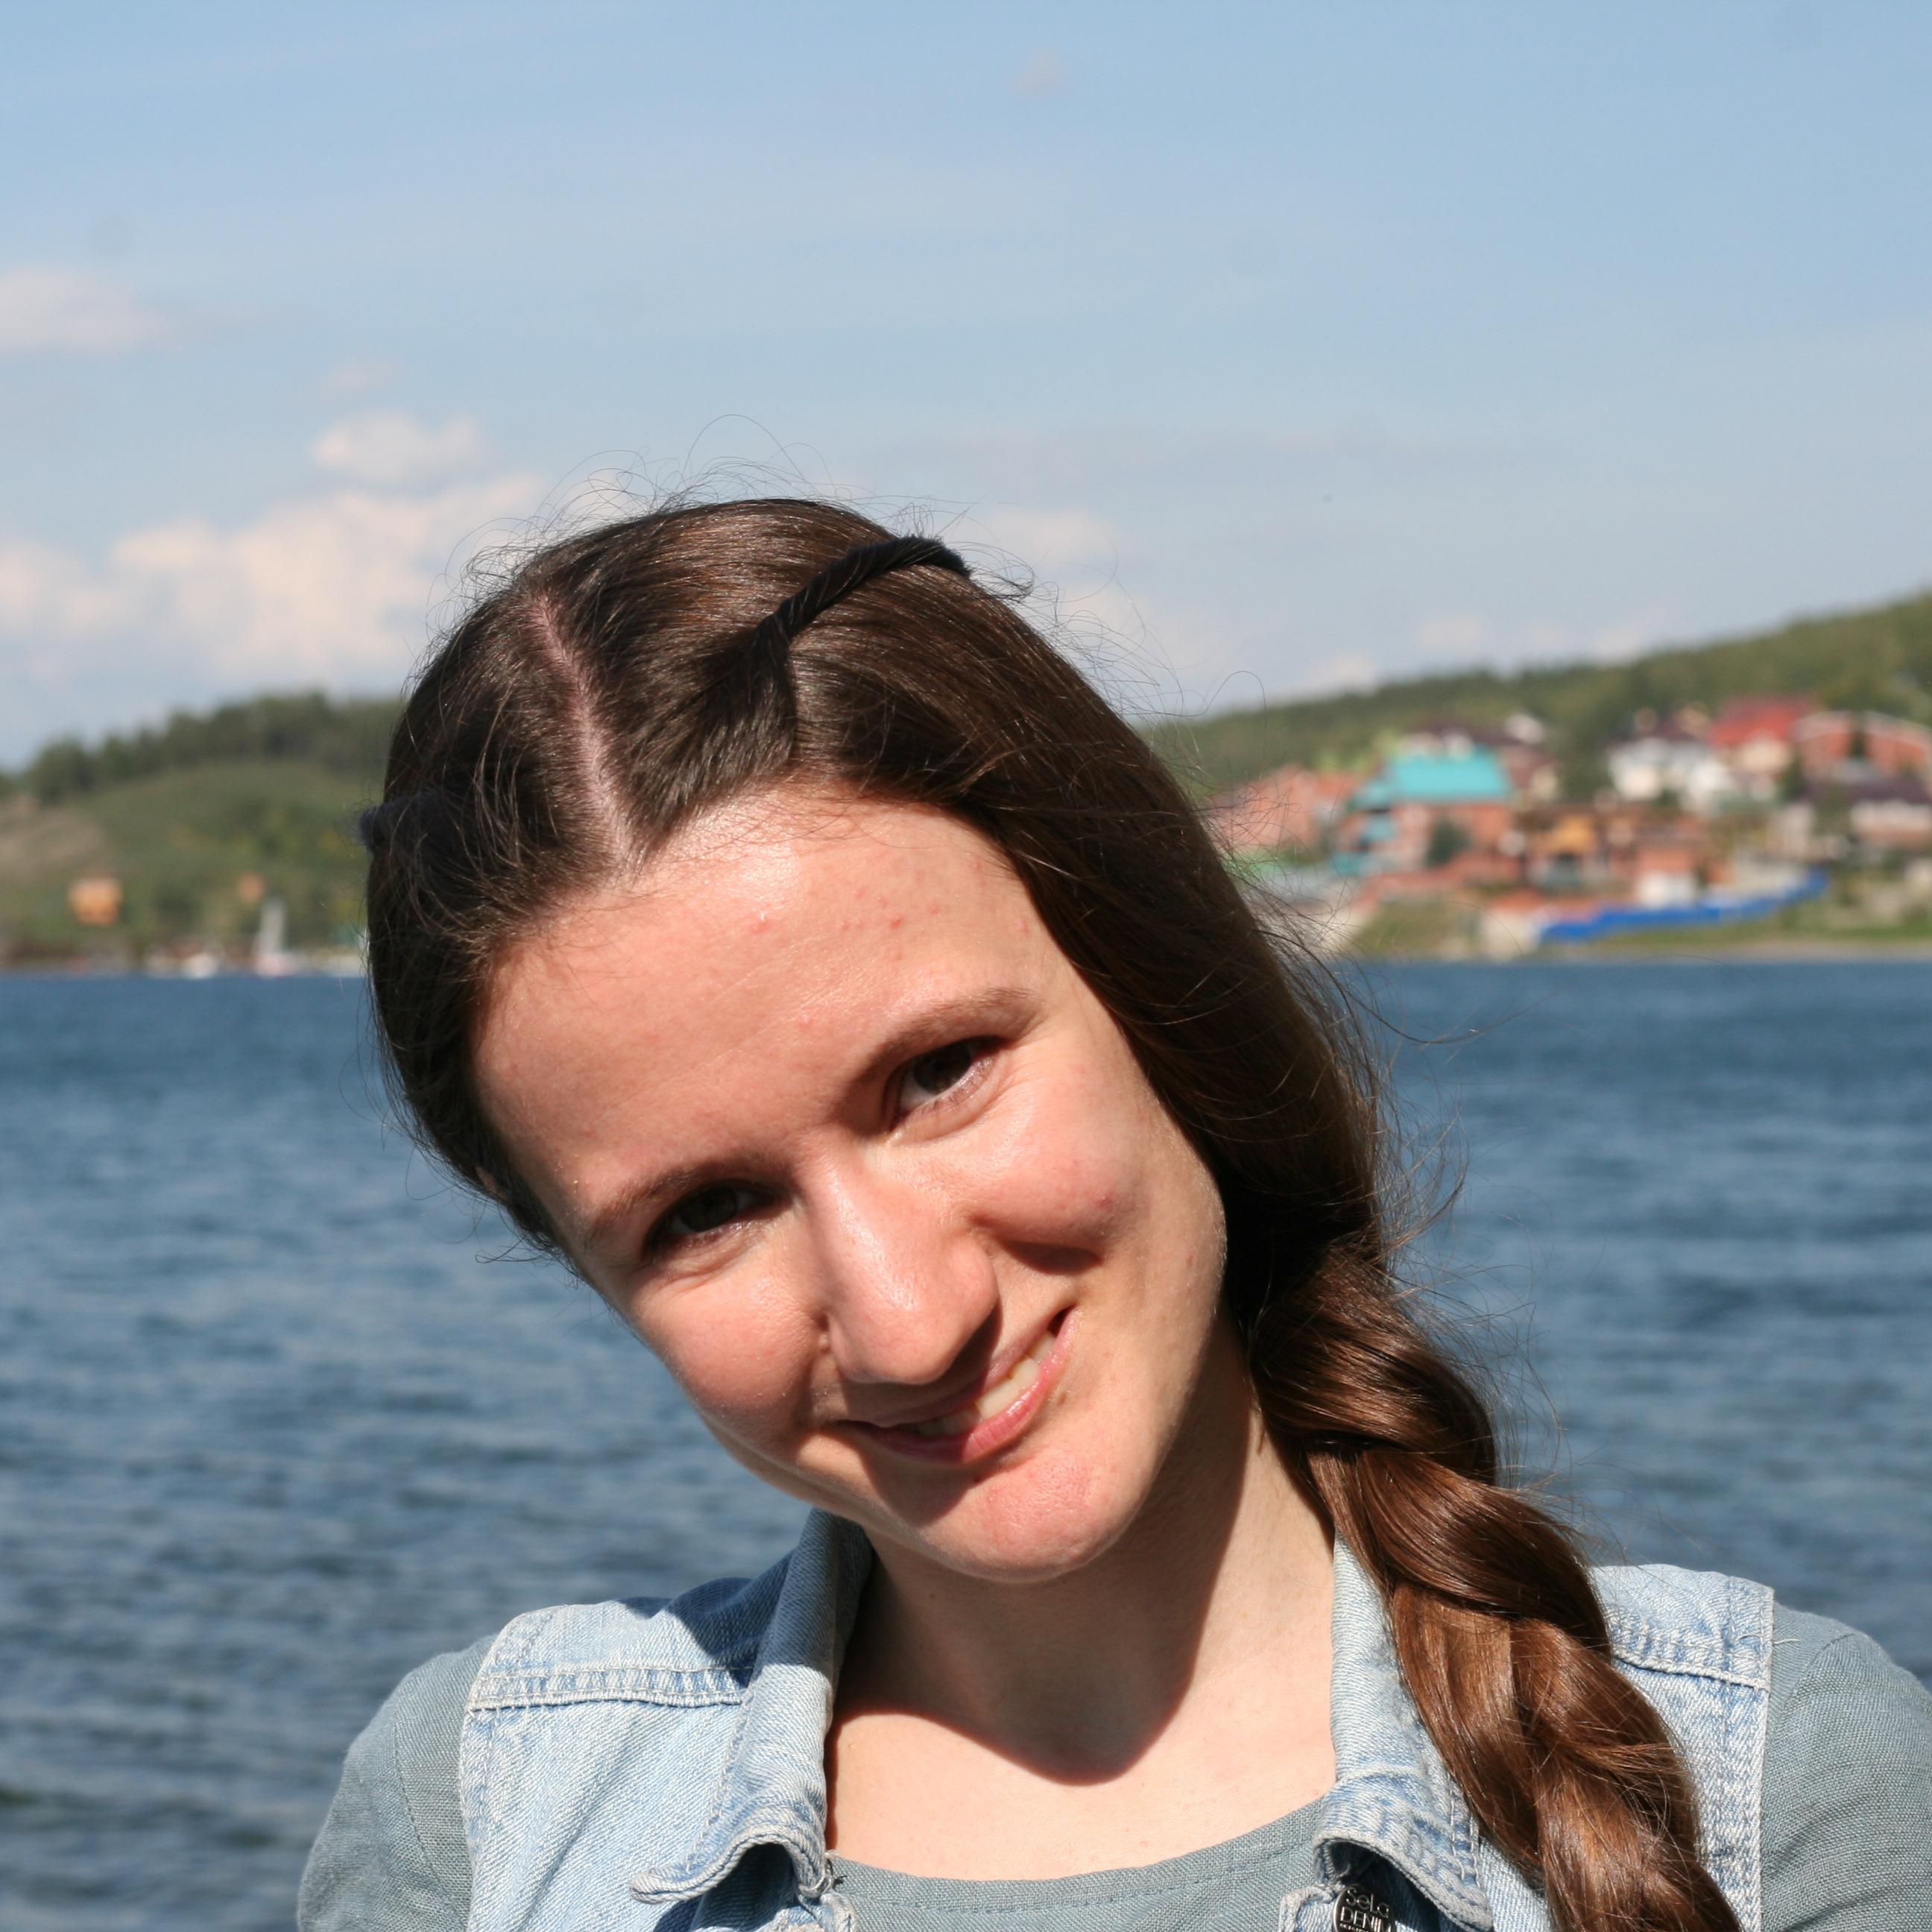 ogurcsova